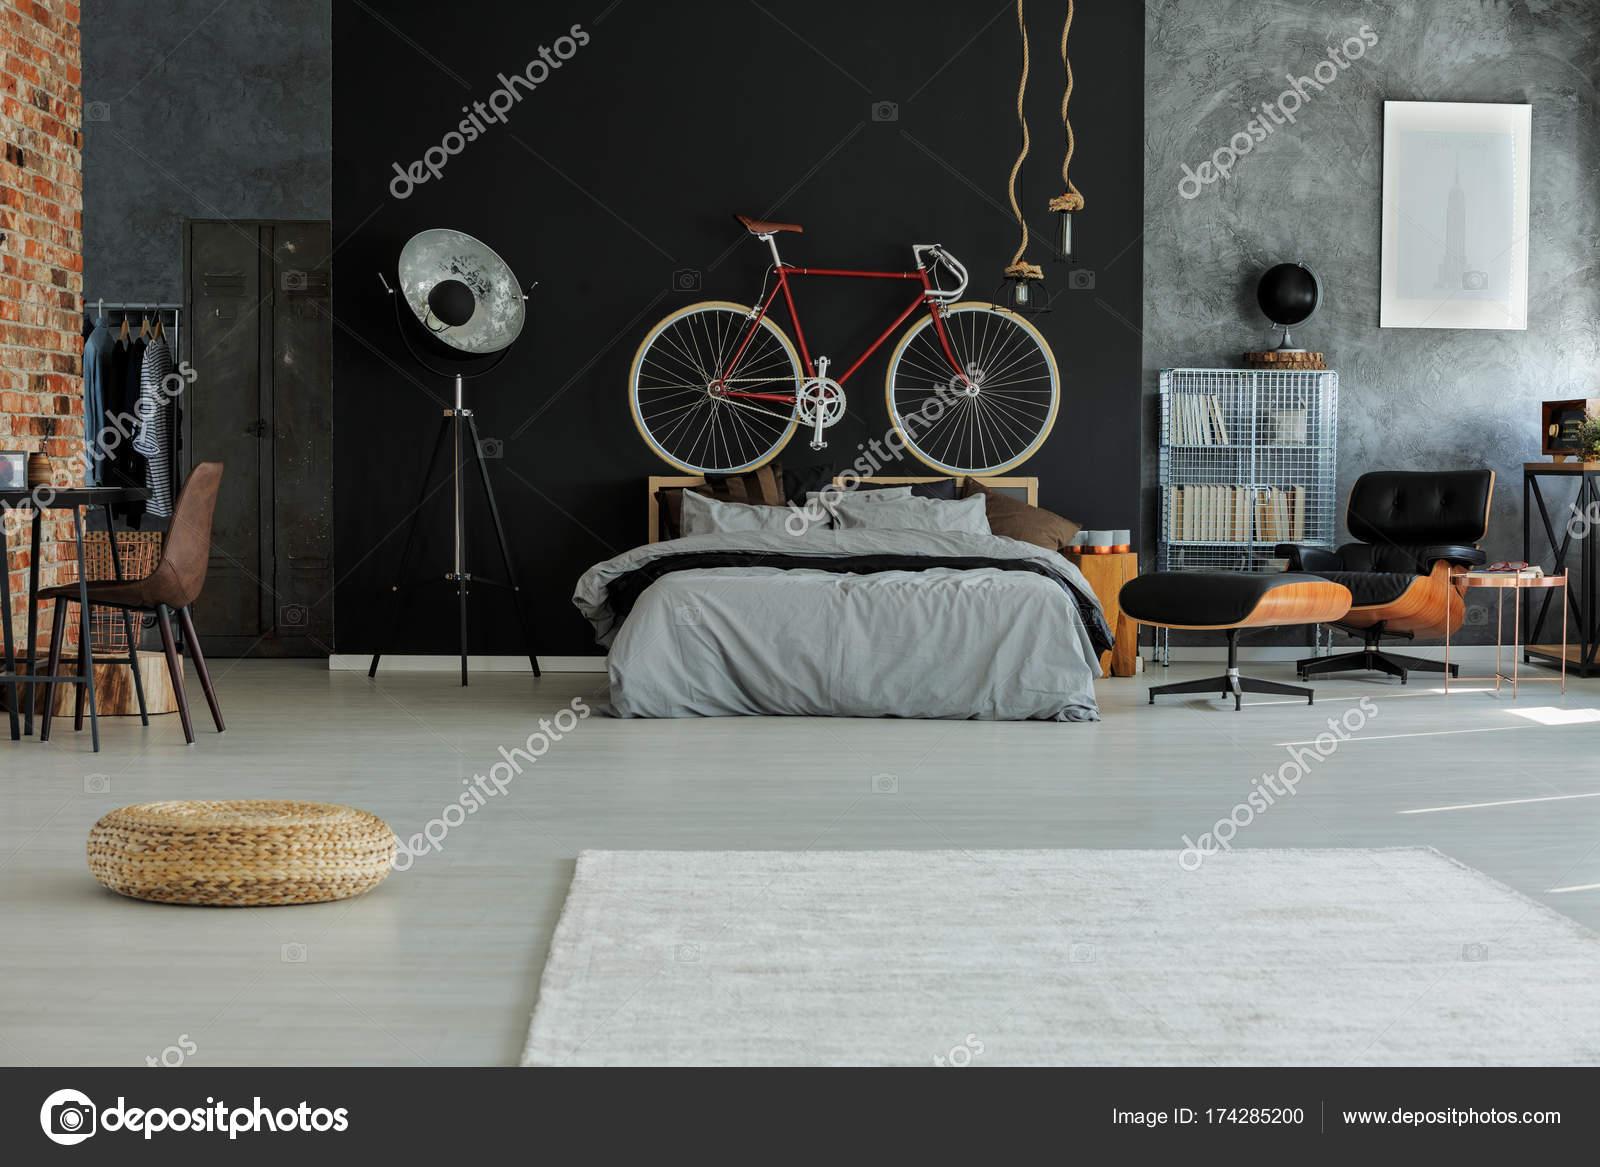 Spaziosa camera da letto con bici rossa u foto stock